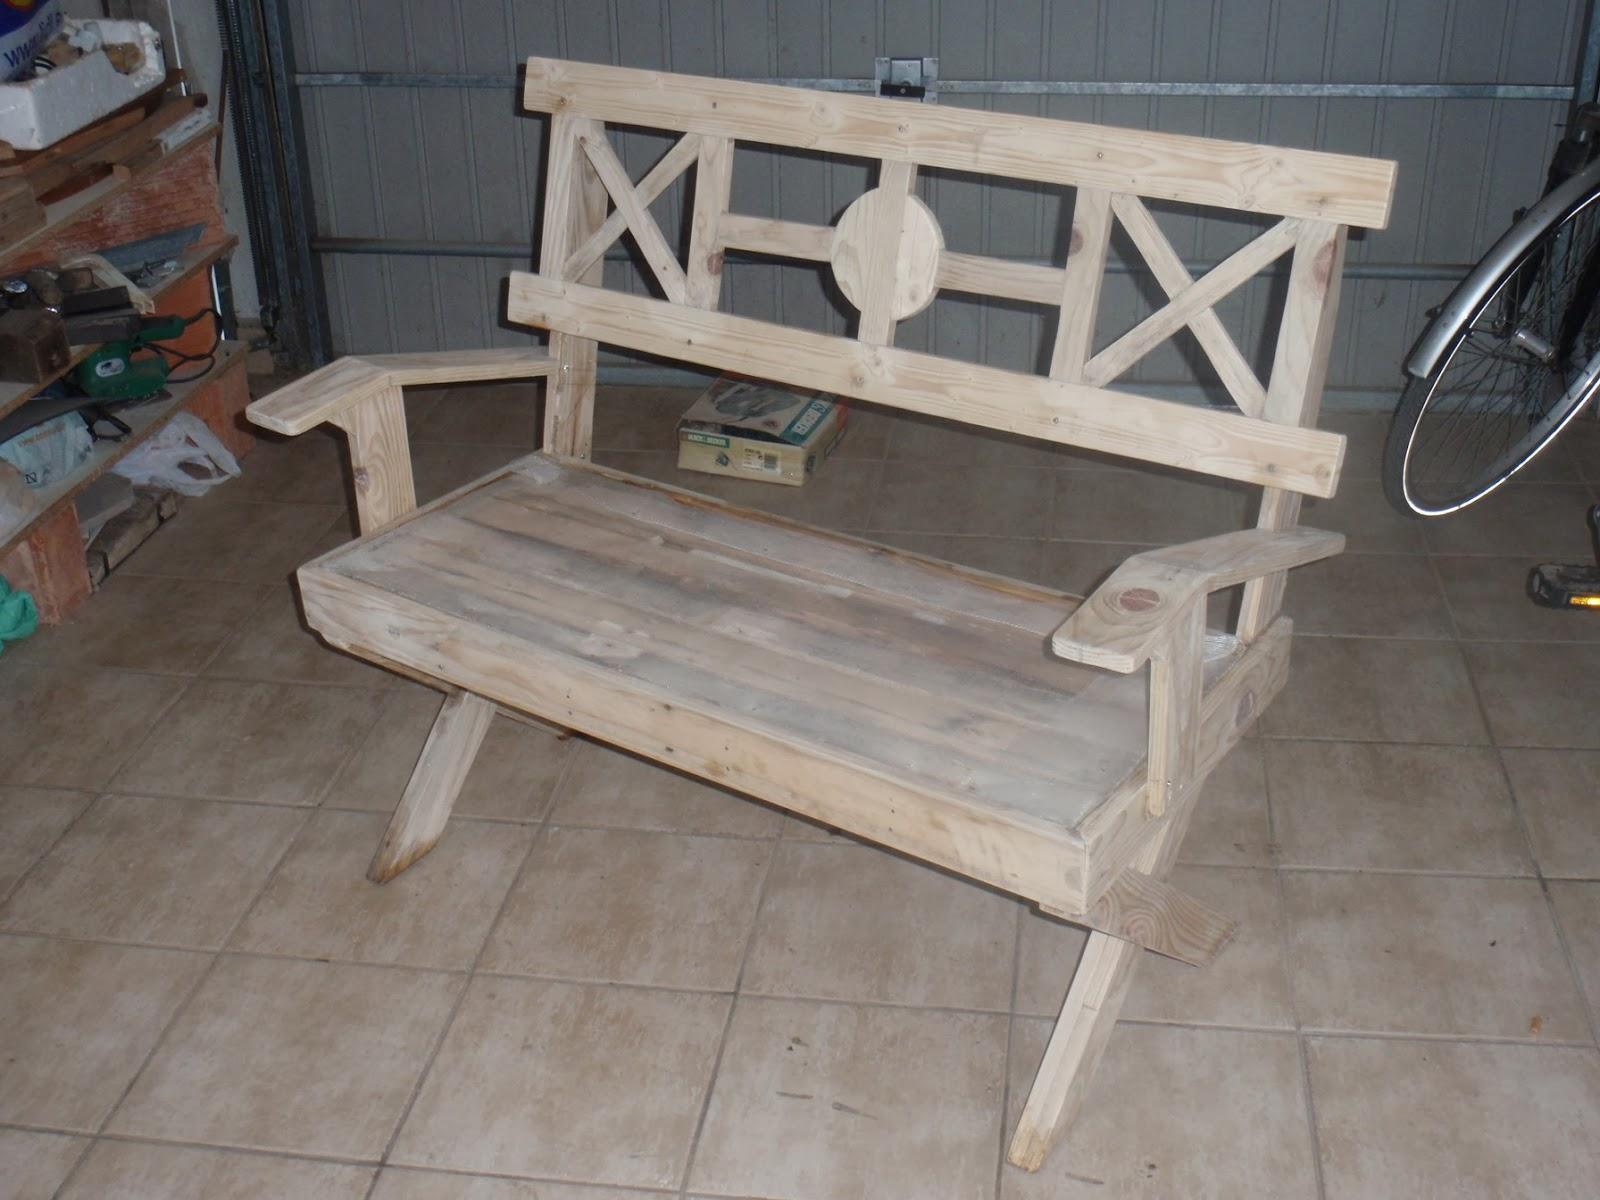 Banco de madera con azulejos finished - Banco de madera ...